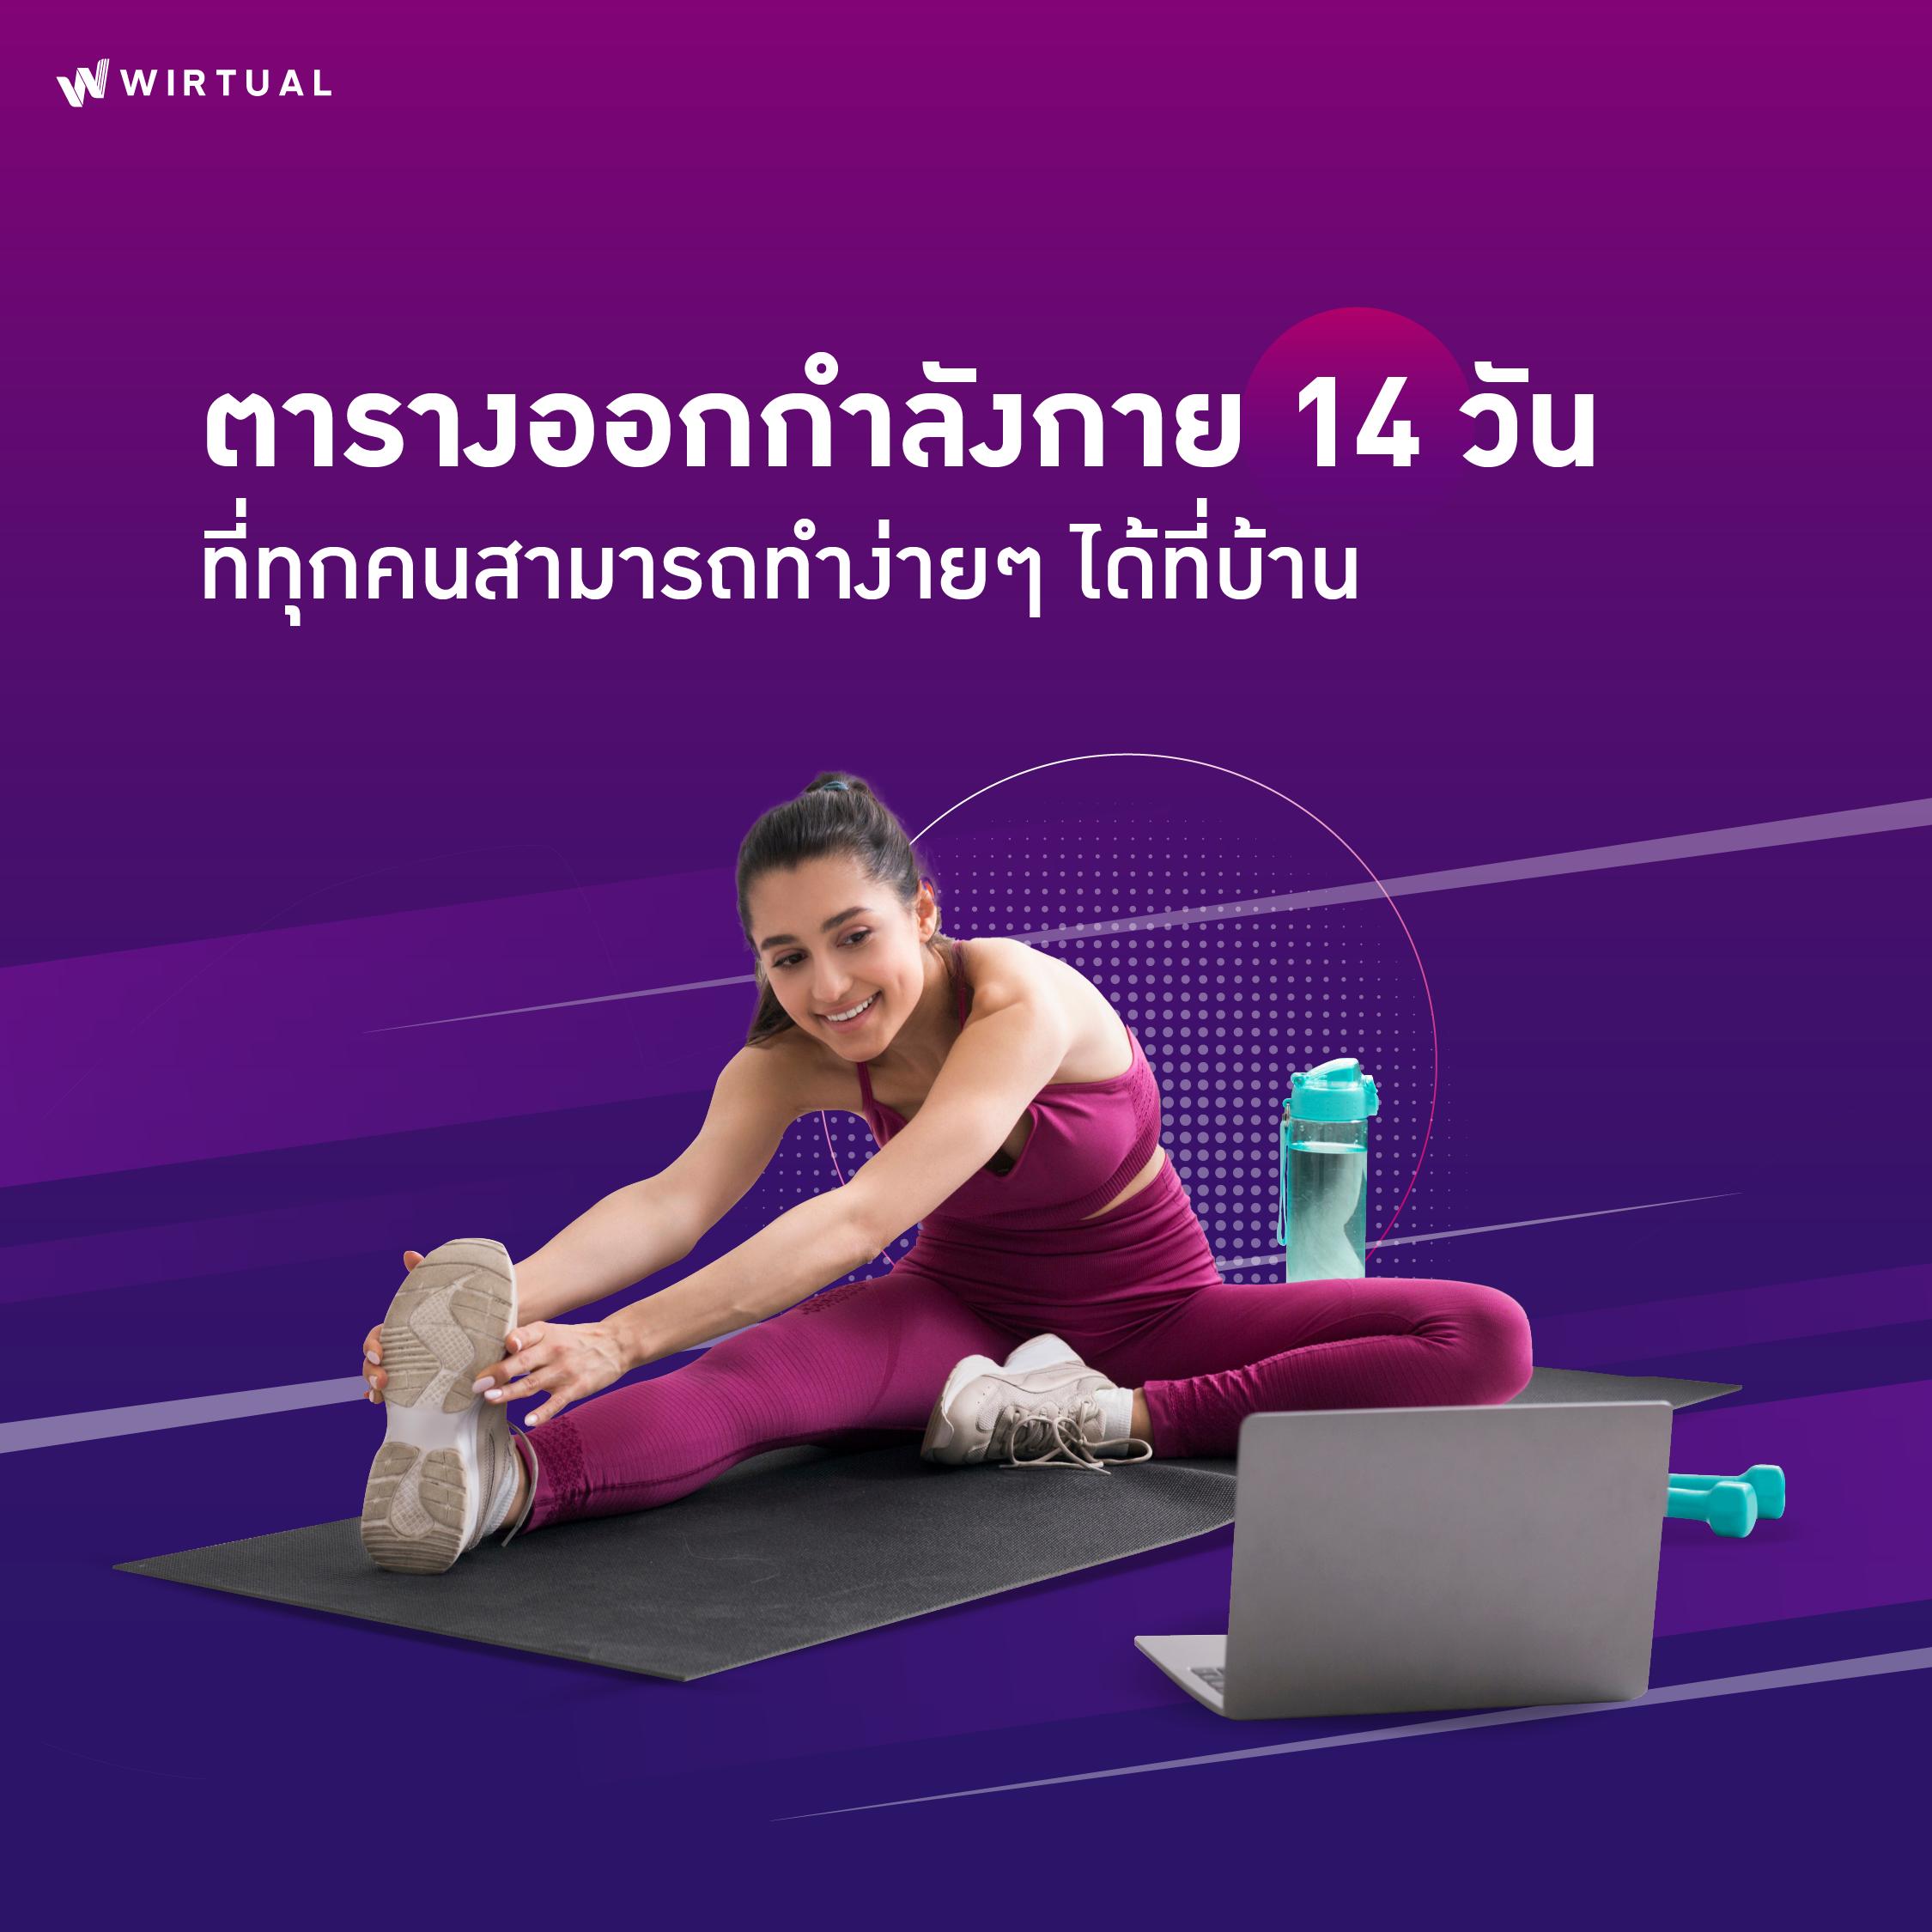 ตารางออกกำลังกาย 14 วัน ที่ทุกคนสามารถทำง่ายๆ ได้ที่บ้าน